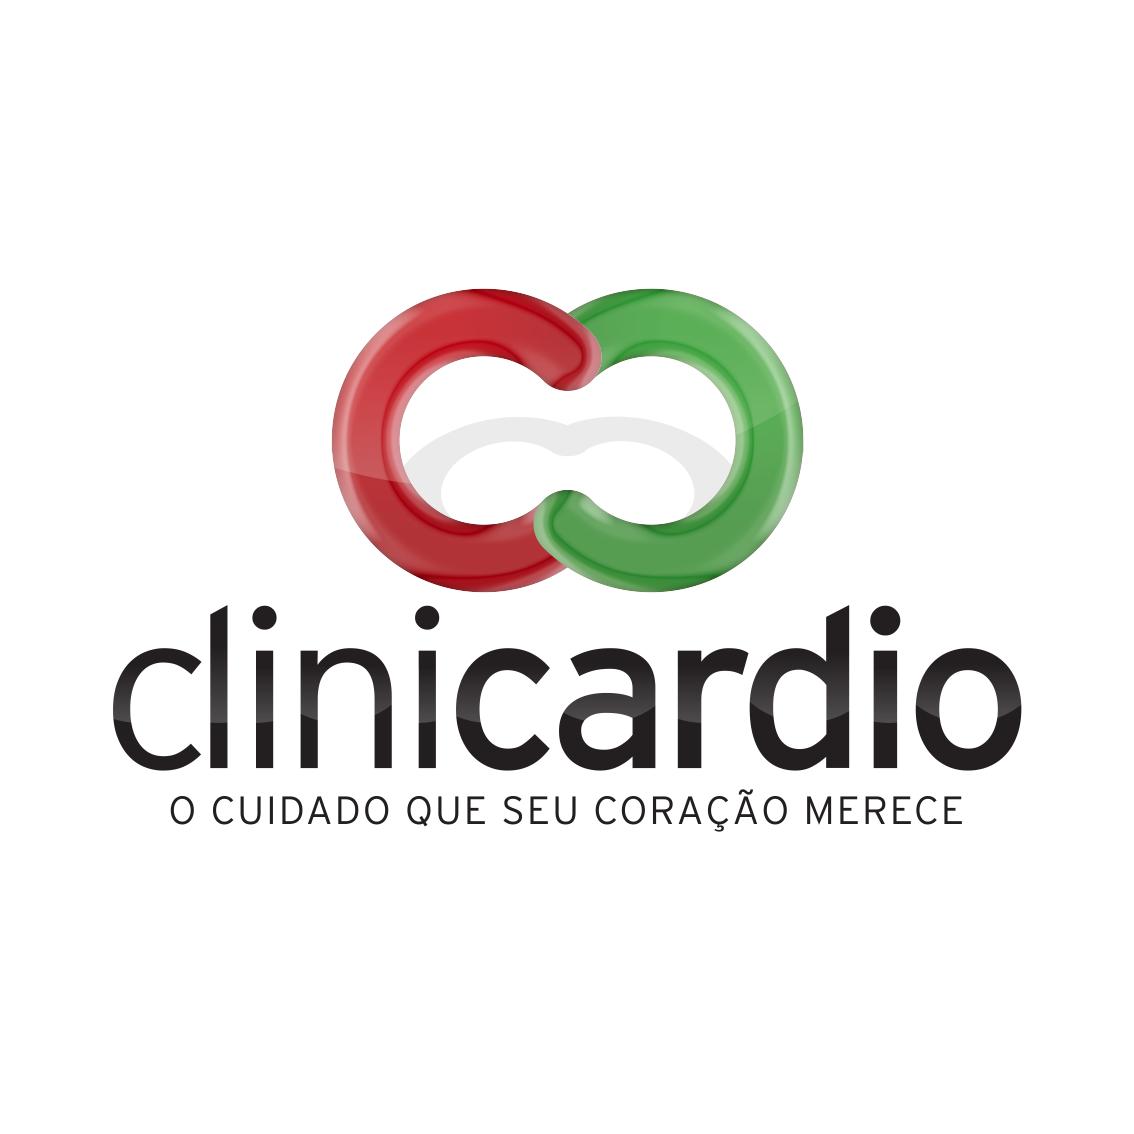 CliniCardio